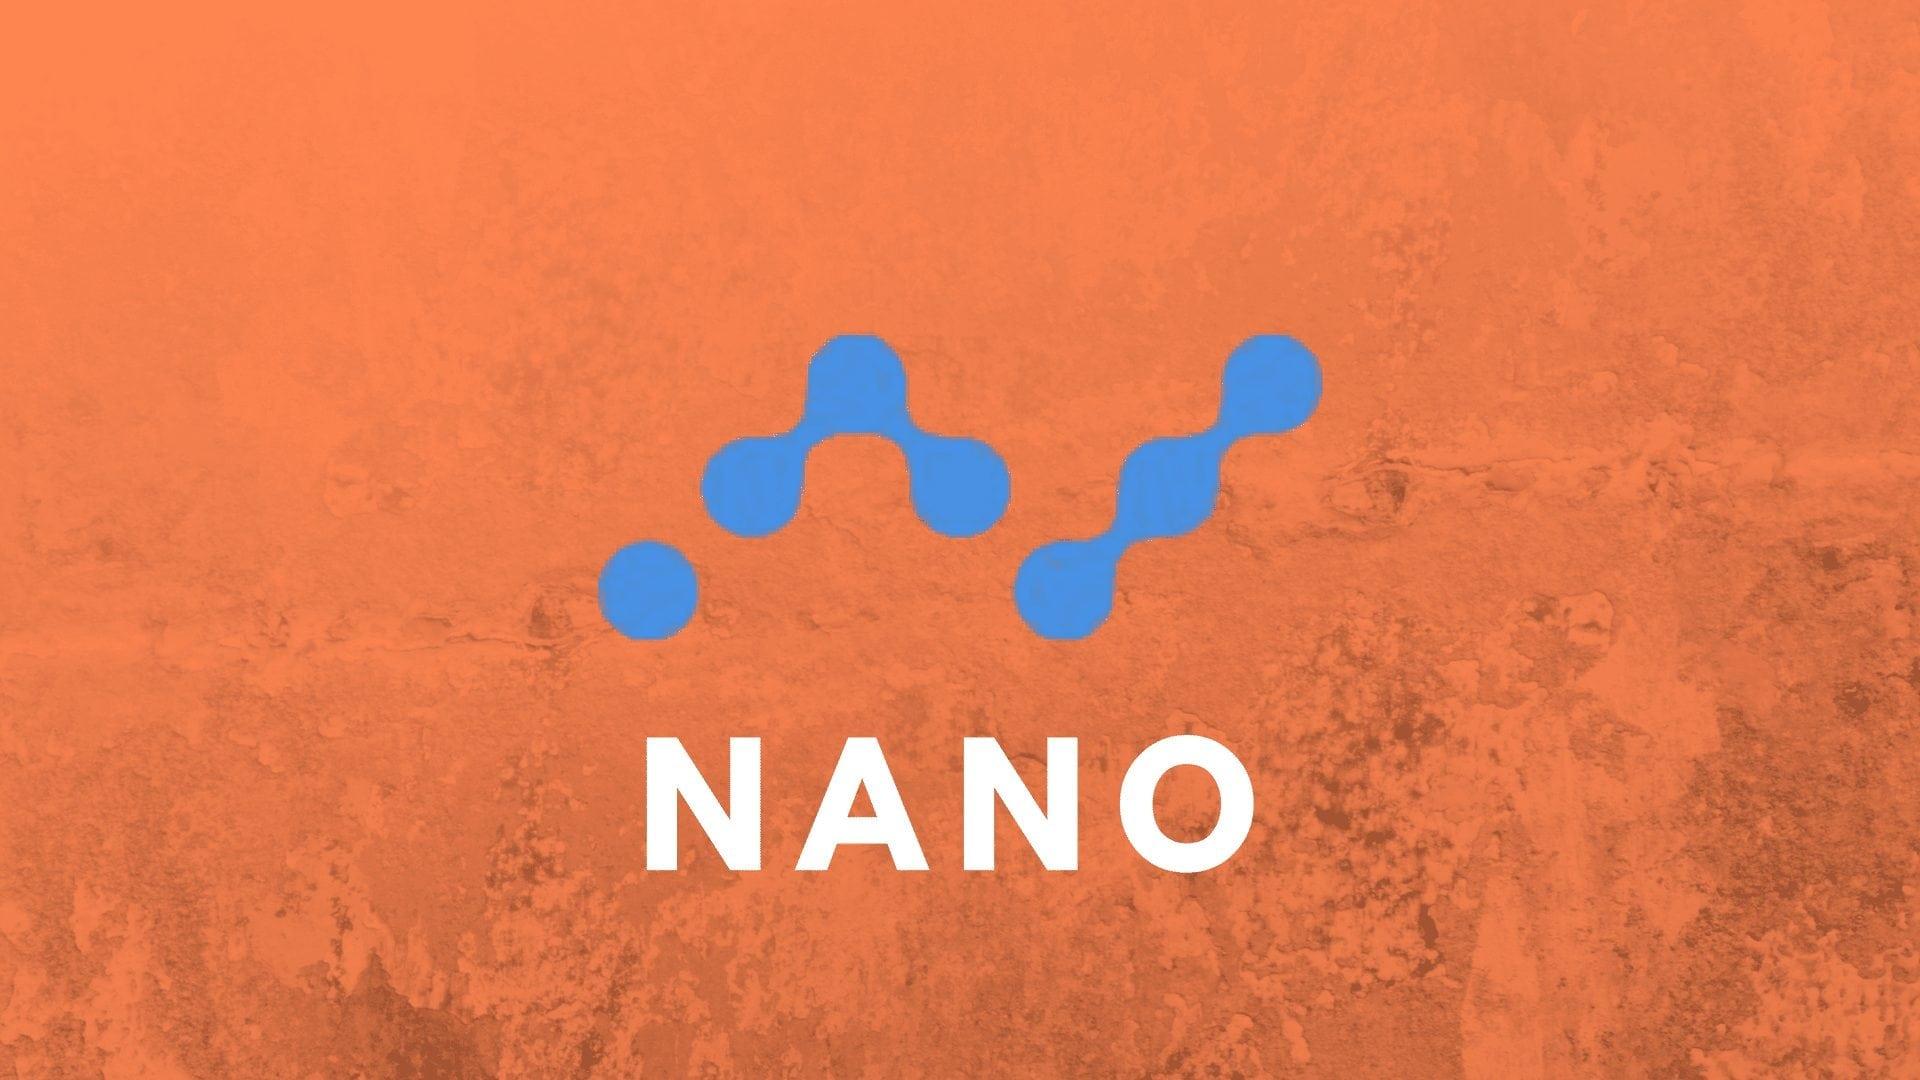 IOTA MIOTA vs. Nano NANO 2 - Can Lazy Bootstrapping Help Nano (NANO) Regain Its Old Glories? Details